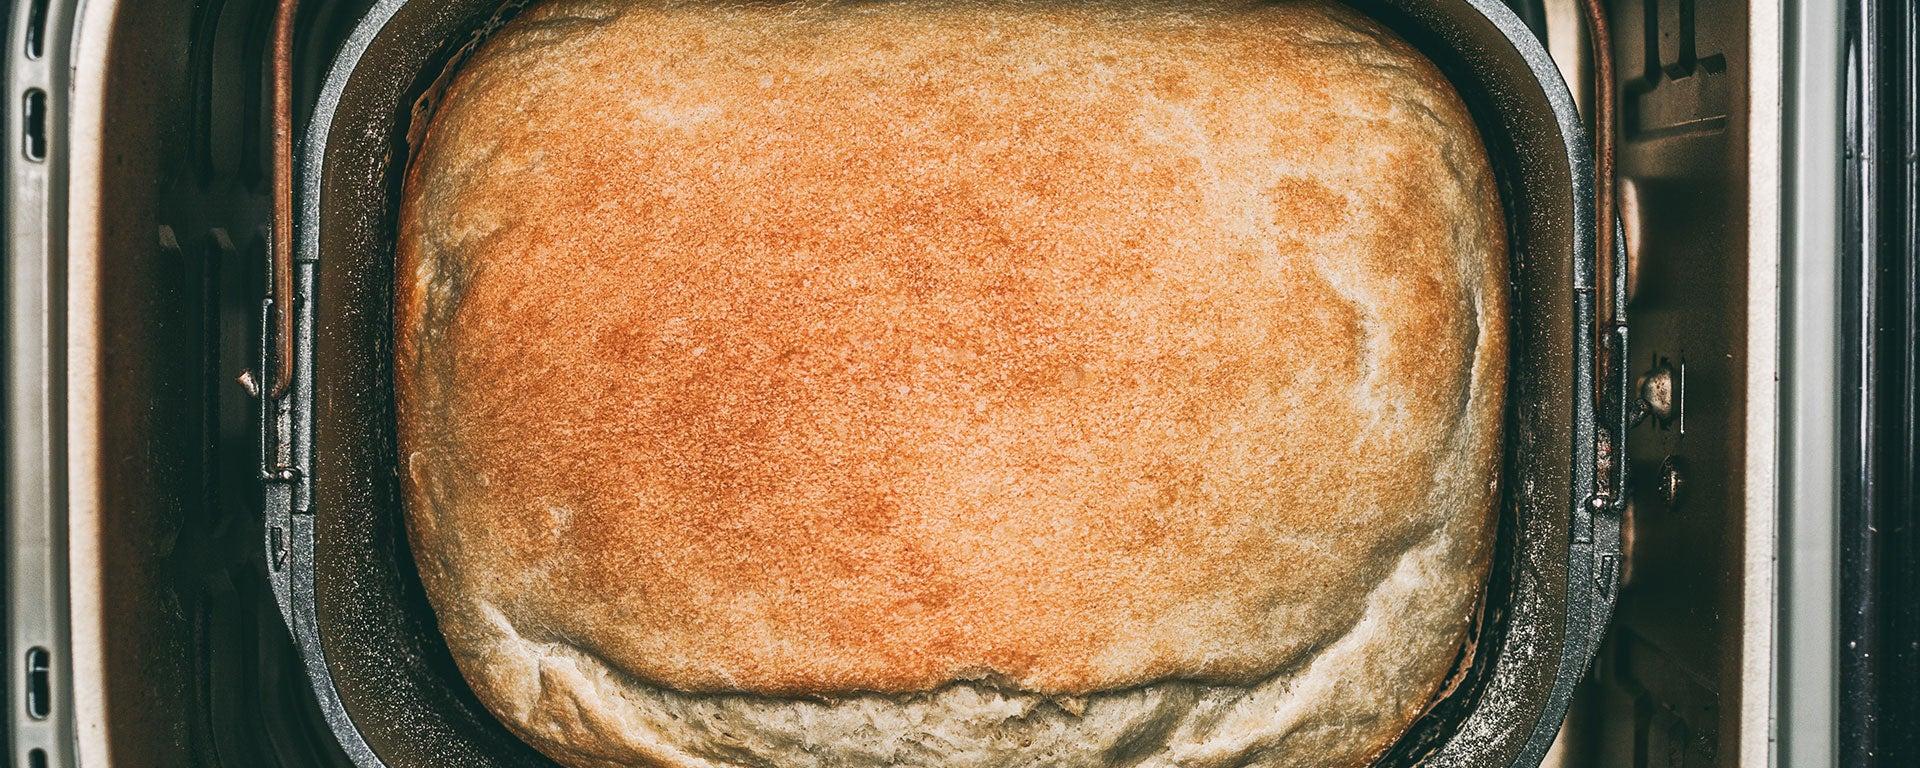 Bread-Machine_Header.jpg